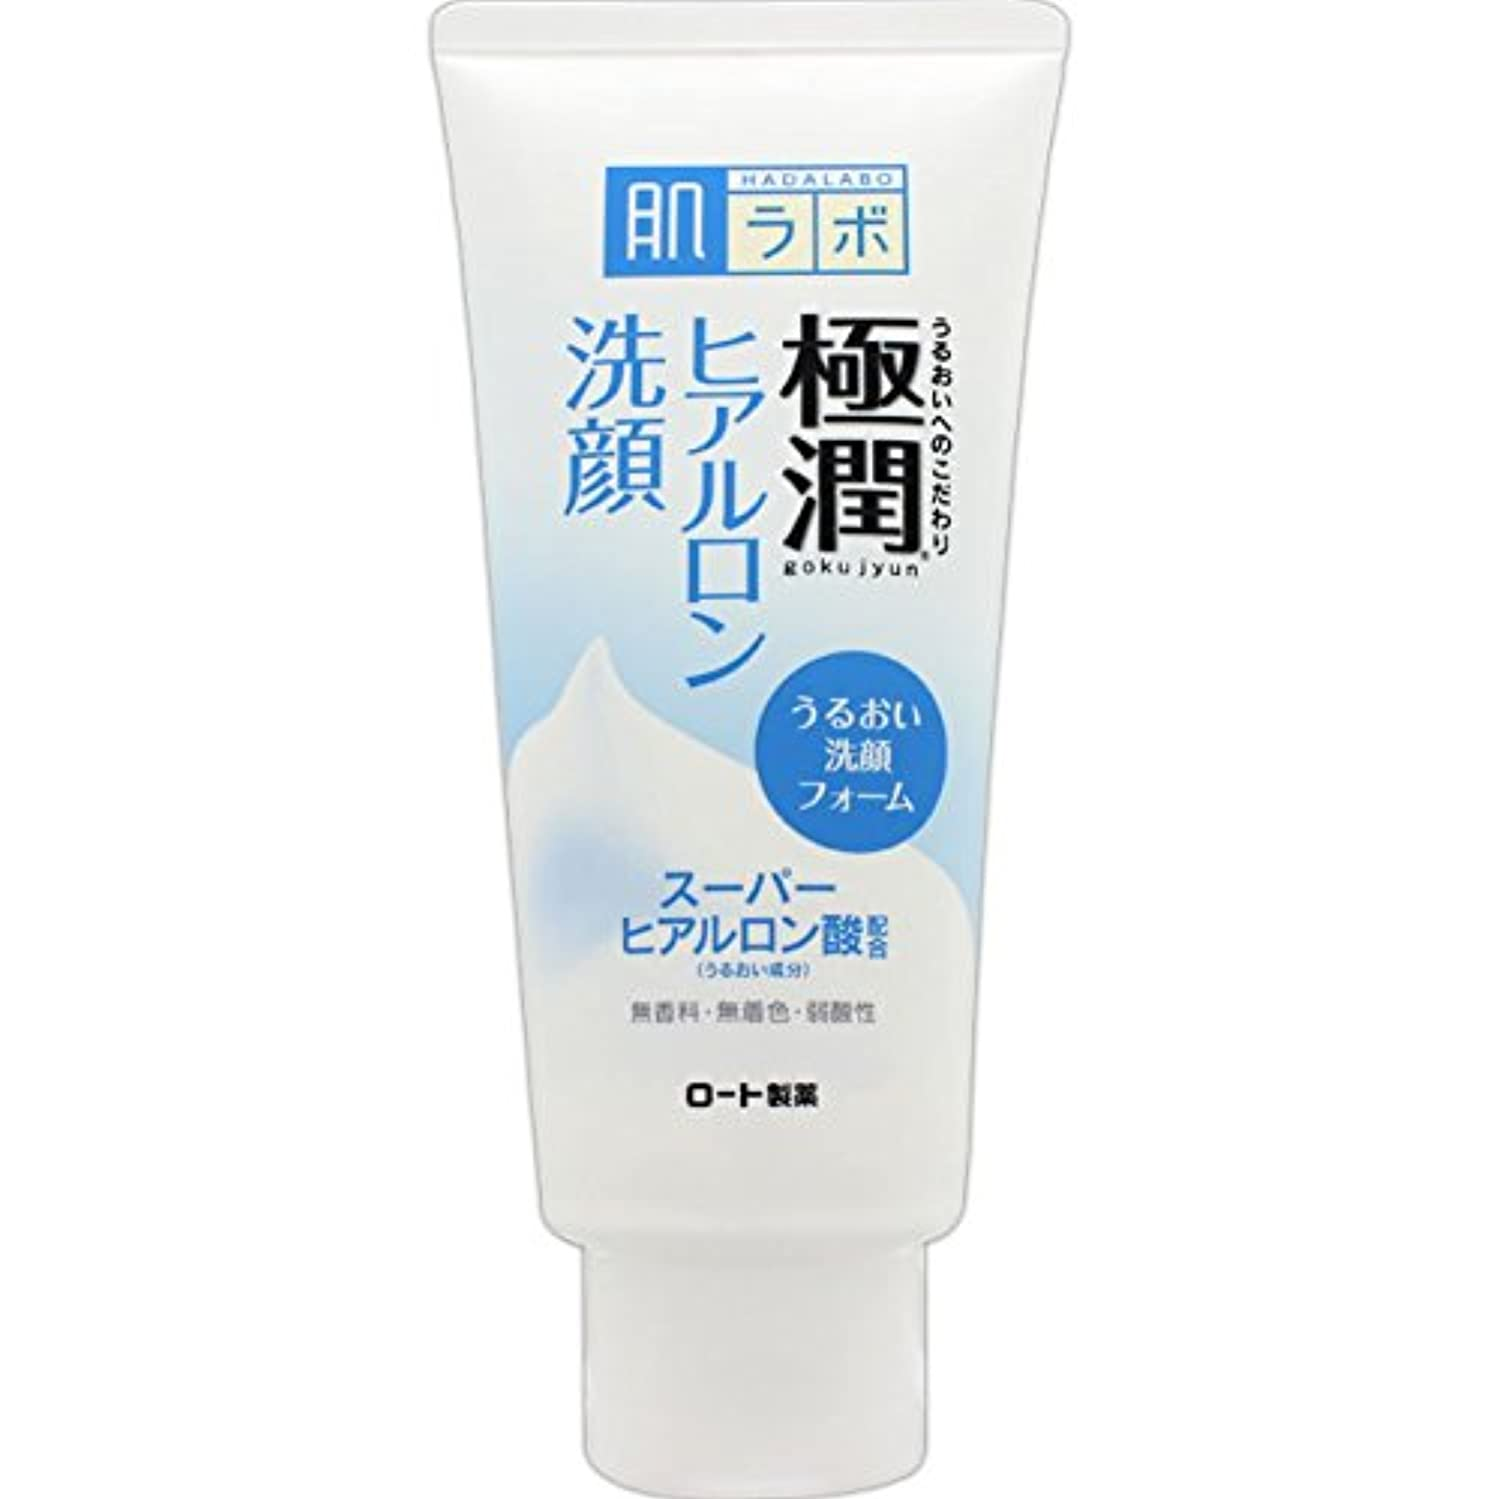 家事をする観光に行くパスタ肌ラボ 極潤 ヒアルロン洗顔フォーム スーパーヒアルロン酸&吸着型ヒアルロン酸をW配合 100g